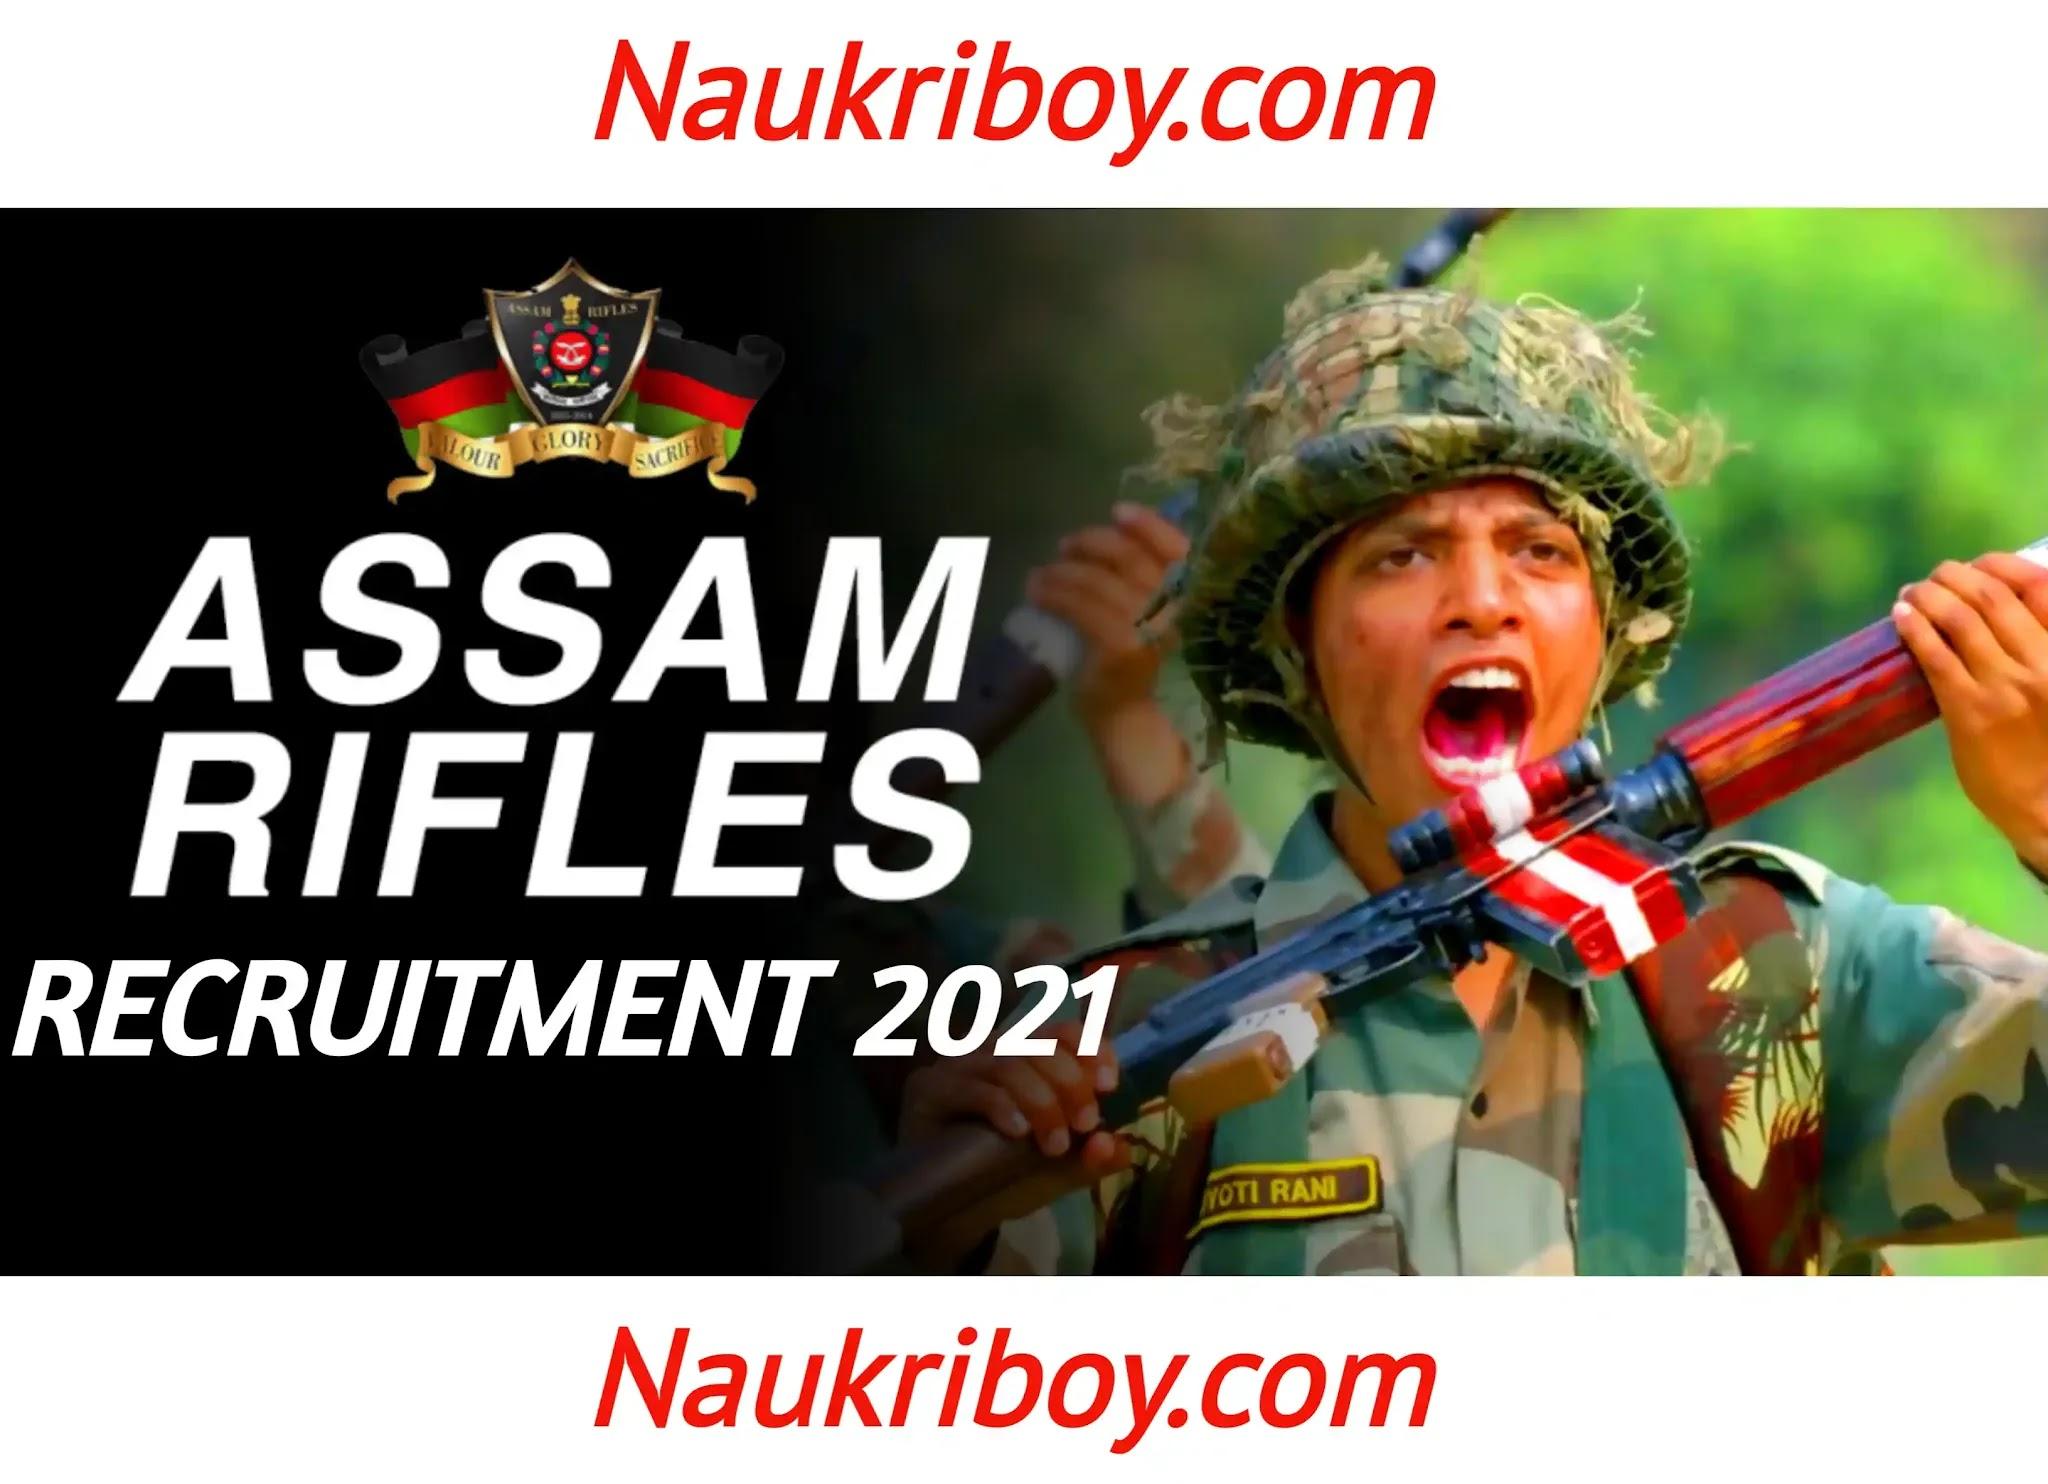 Assam Rifels Recruitment 2021 असम राइफल्स भर्ती 2021 Assam rifels recruitment Assam rifels bharti assam rifels group c bharti assam rifels group b bharti assam rifels naukriboy.com naukri boy.com naukriboy.com assam recruitment 2021 army recruitment 2021